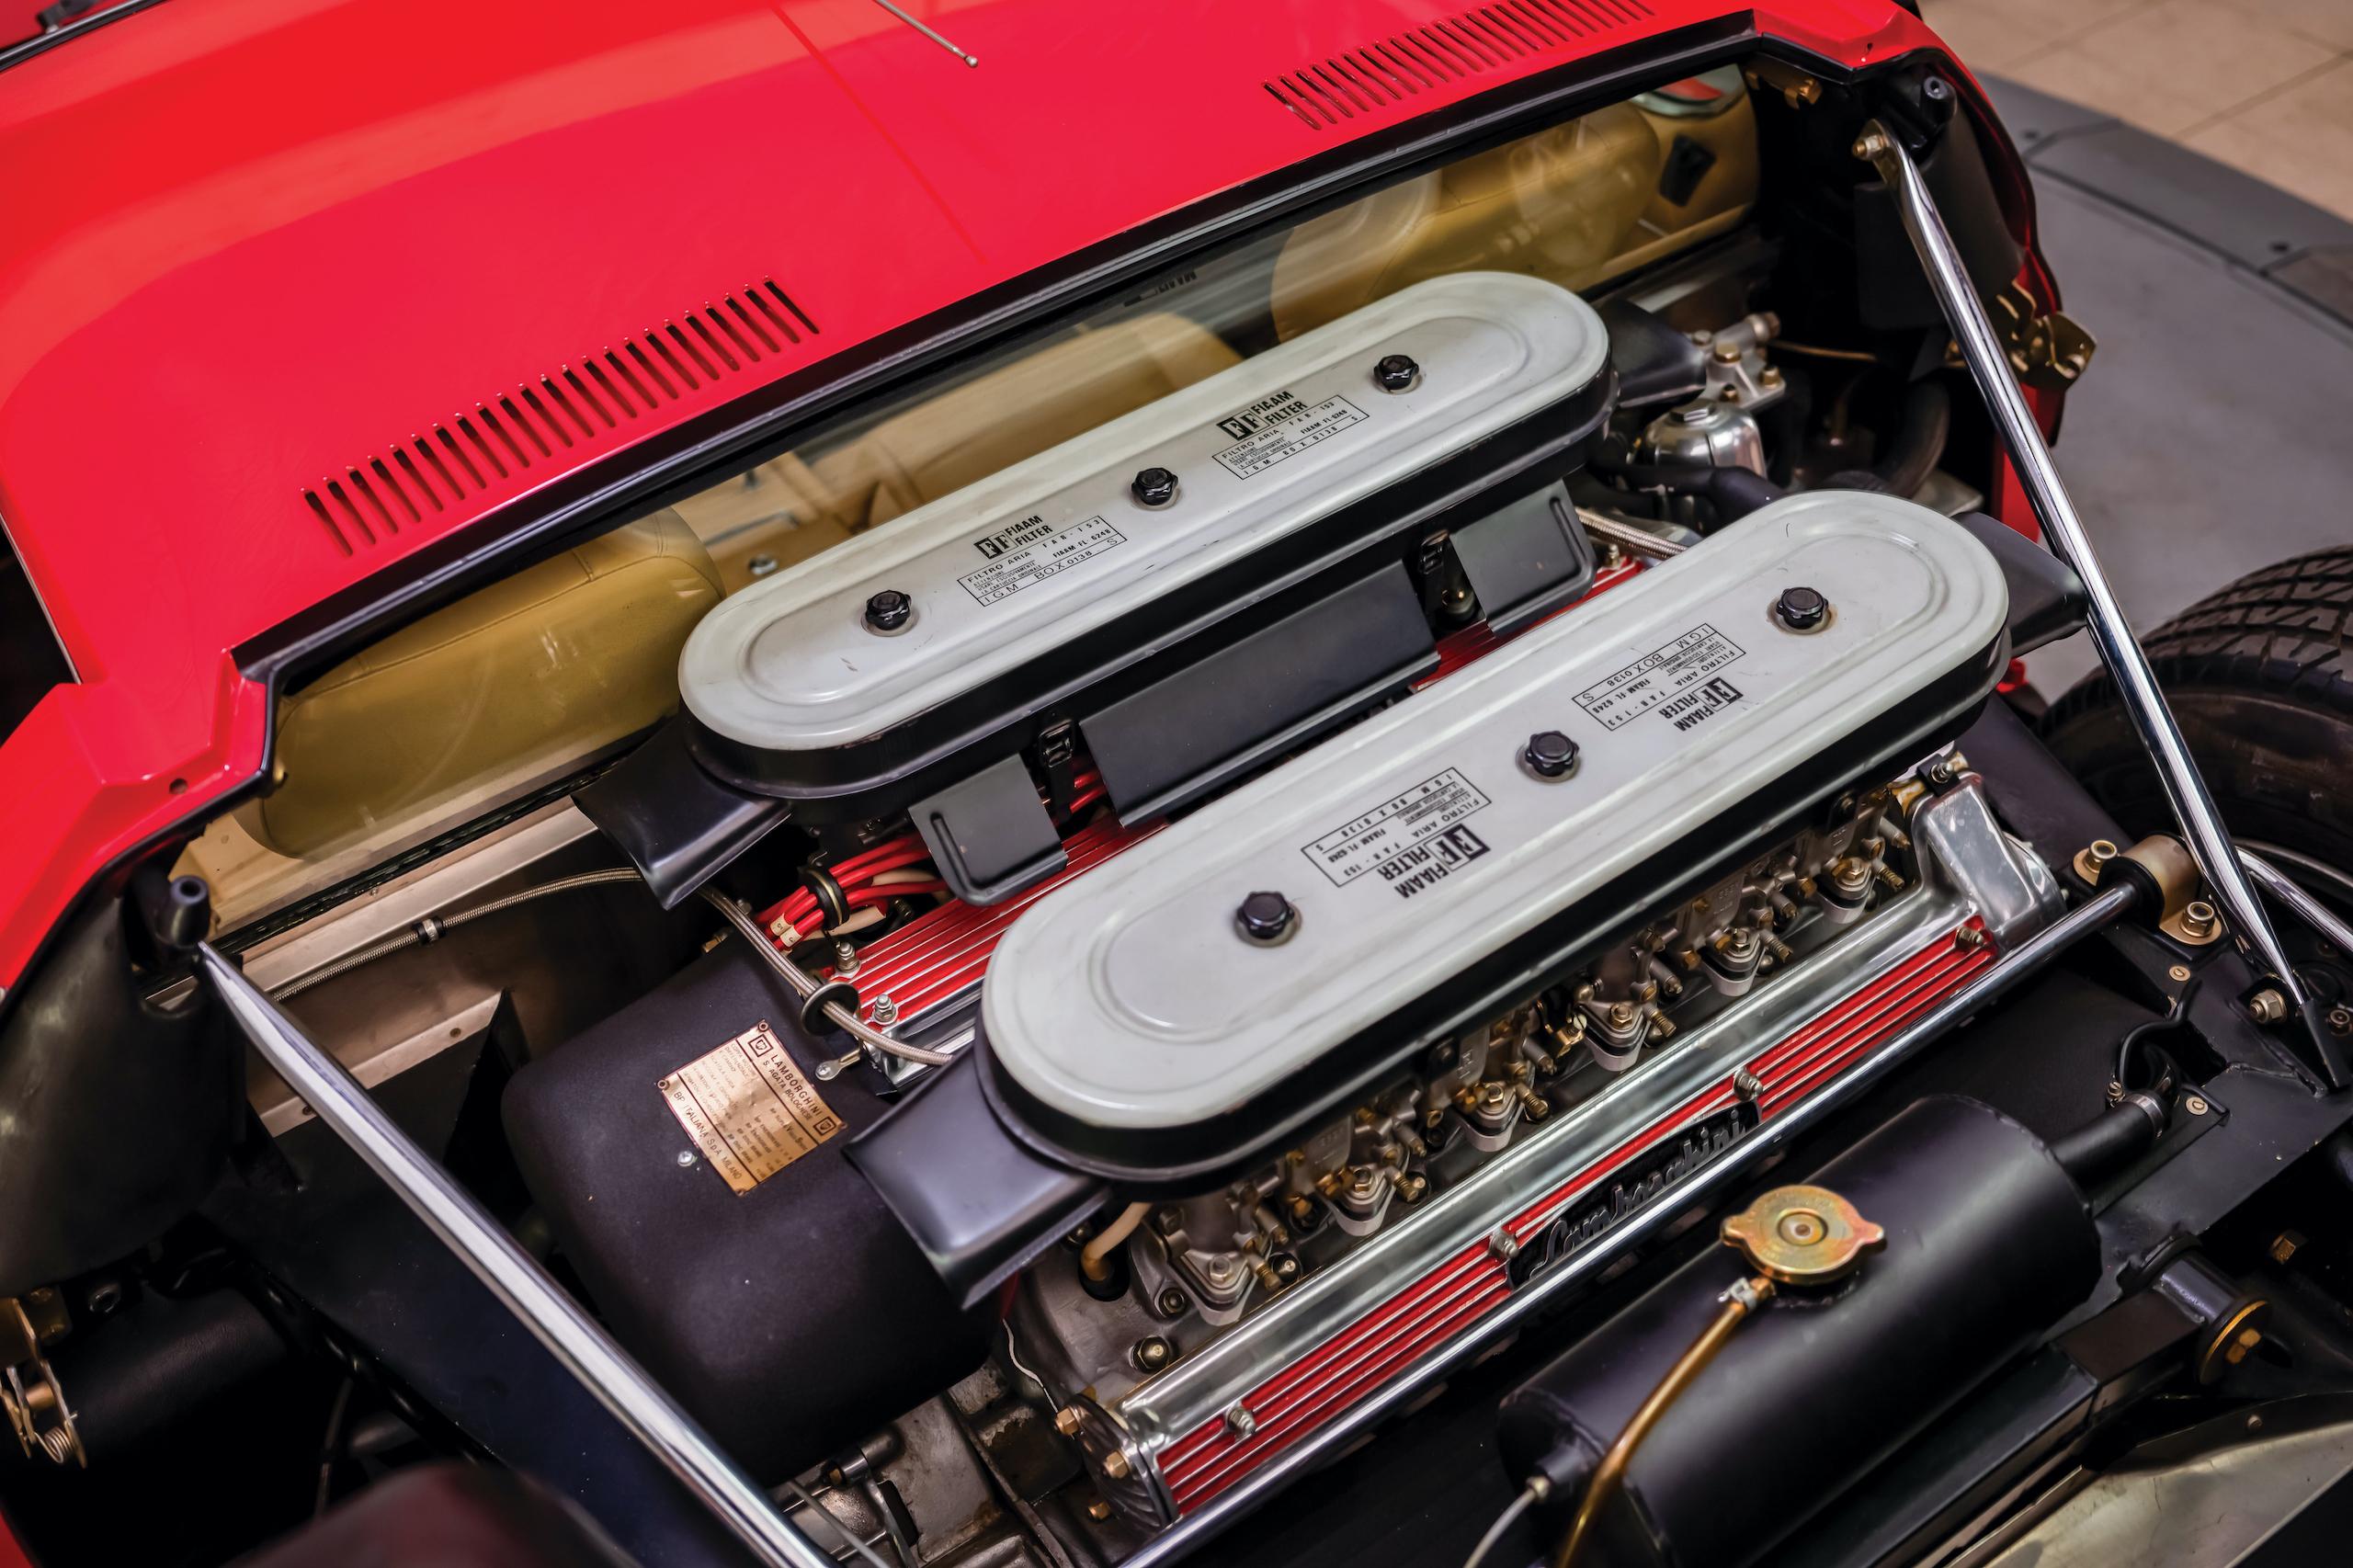 1971 Lamborghini Miura P400 SV engine